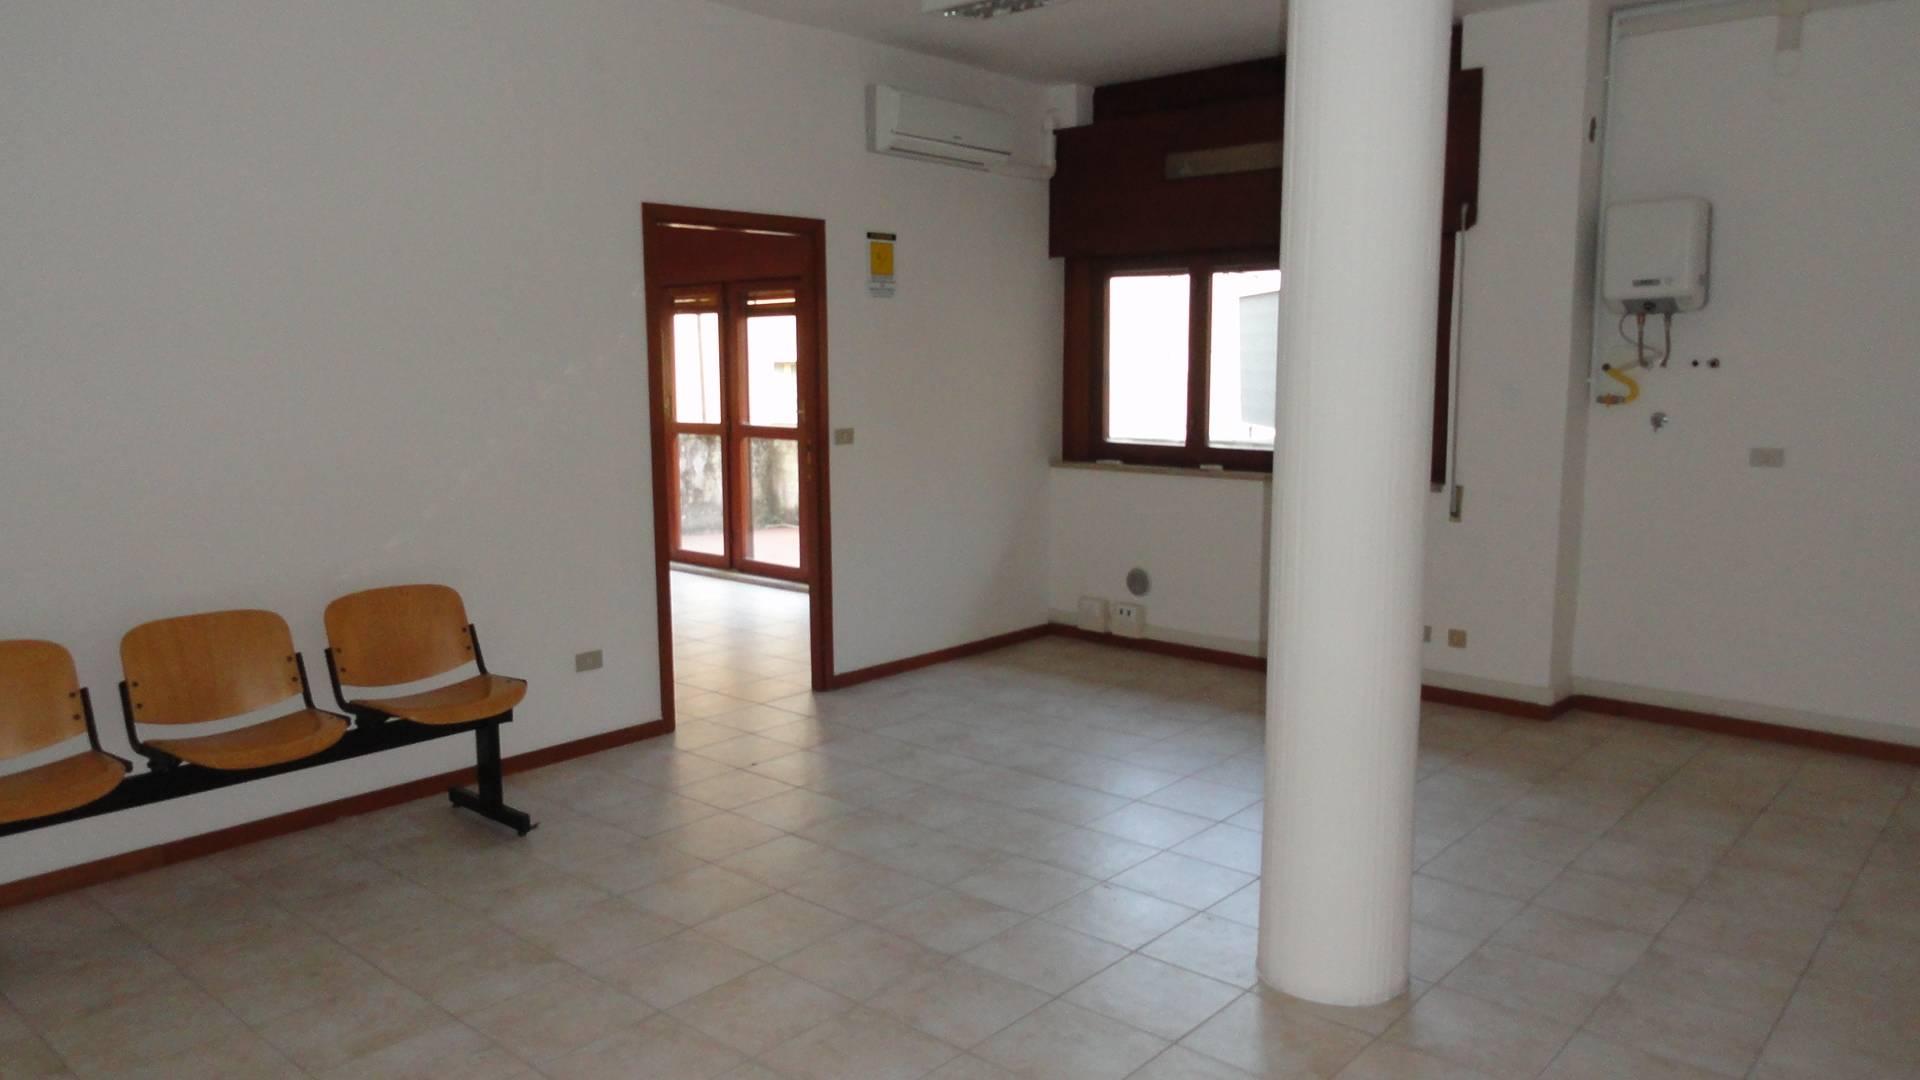 Ufficio / Studio in affitto a Teramo, 9999 locali, zona Località: CentroStorico, prezzo € 900 | Cambio Casa.it